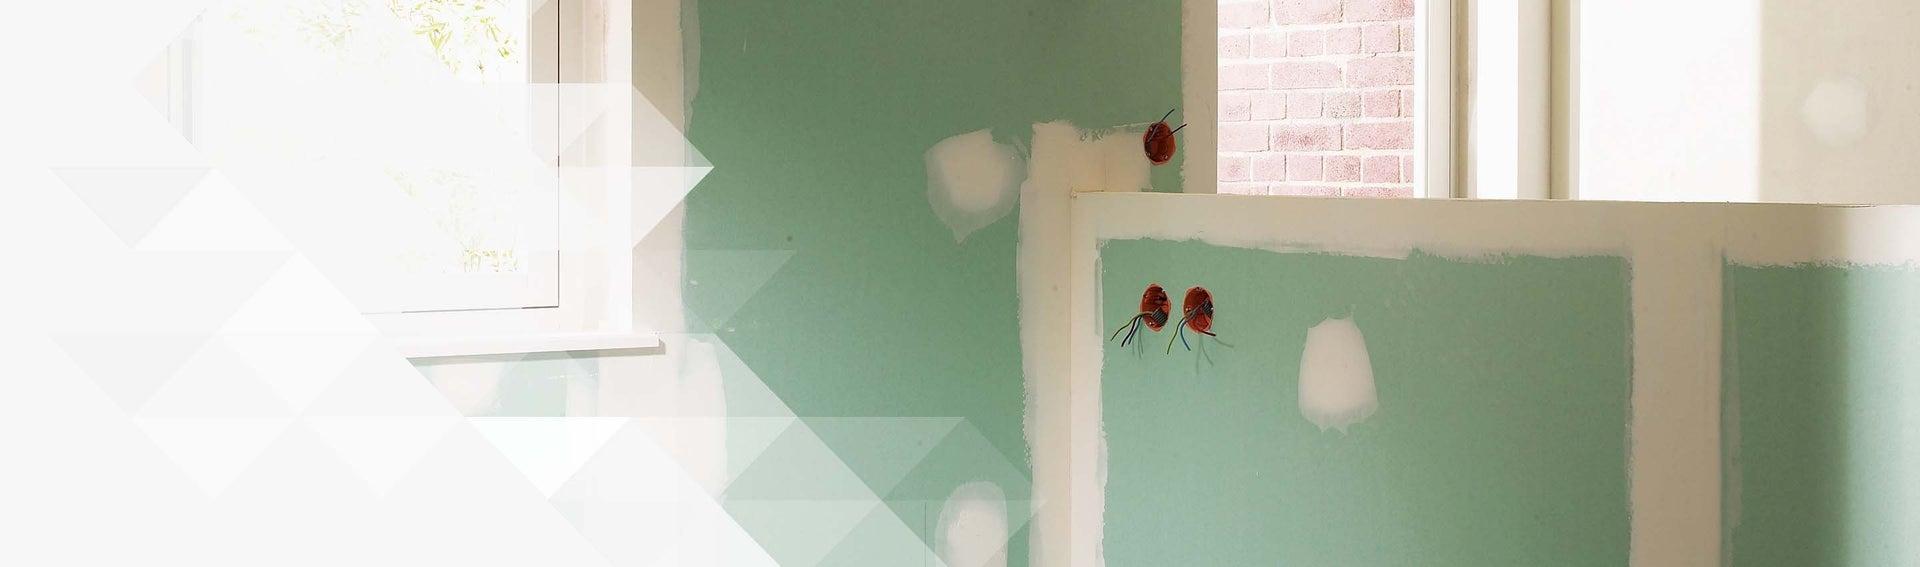 Cloison Et Plafond Plaque De Pl Tre Ossature M Tallique Faux  # Deco En Placo Platre Dun Porte Tele